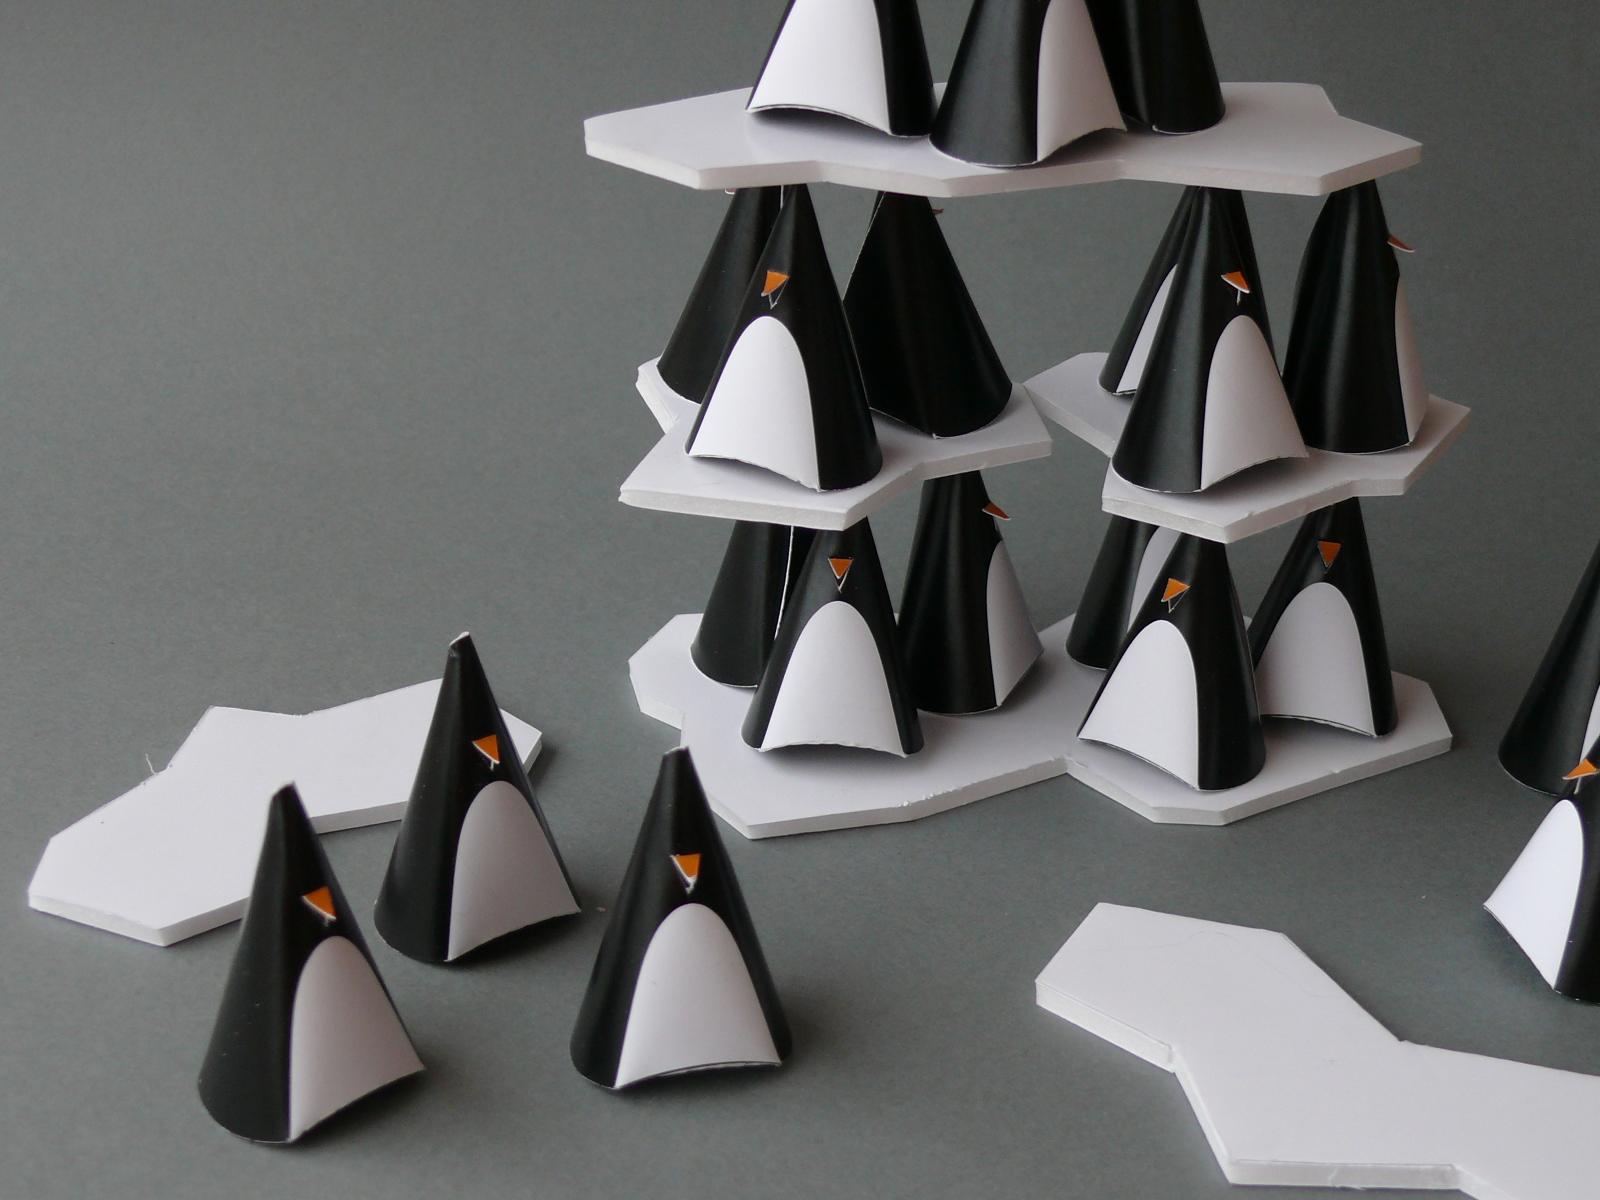 penguin_9.JPG